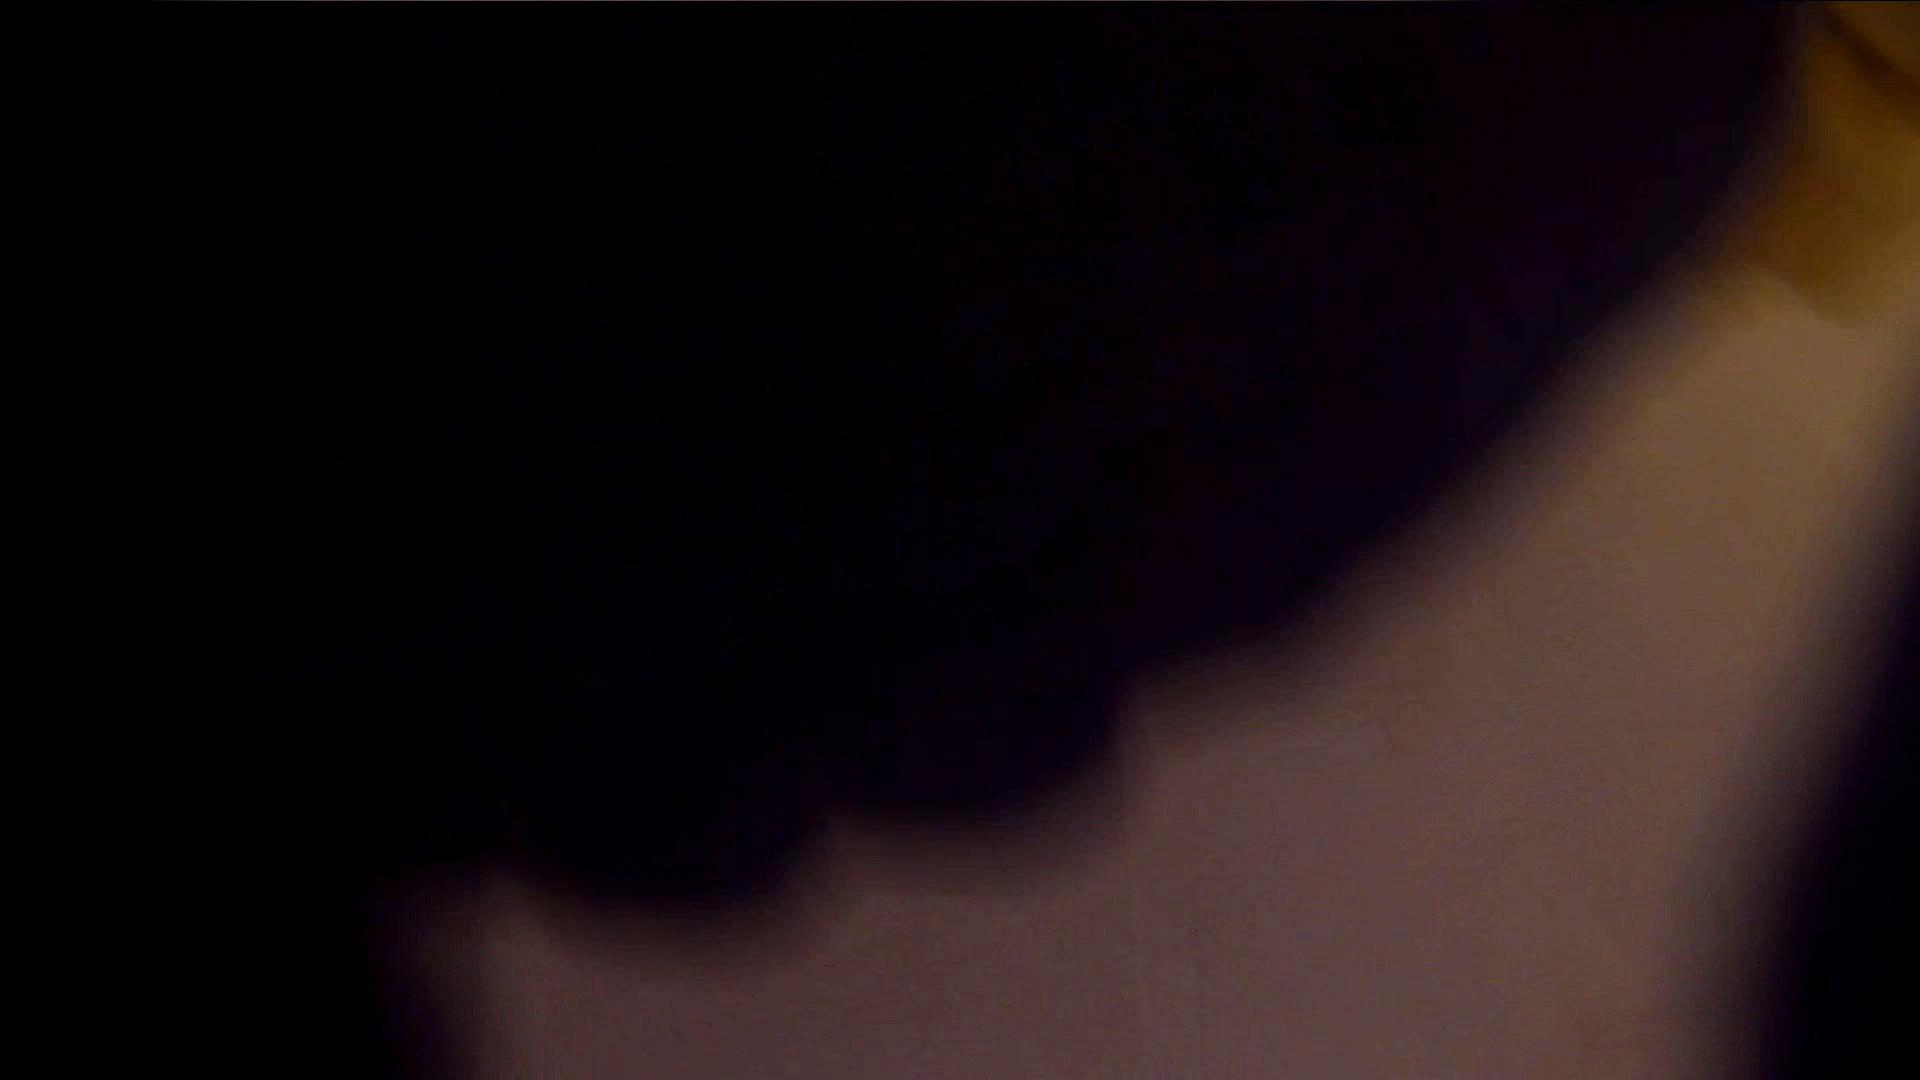 阿国ちゃんの「和式洋式七変化」No.8 ギャル攻め すけべAV動画紹介 65画像 18